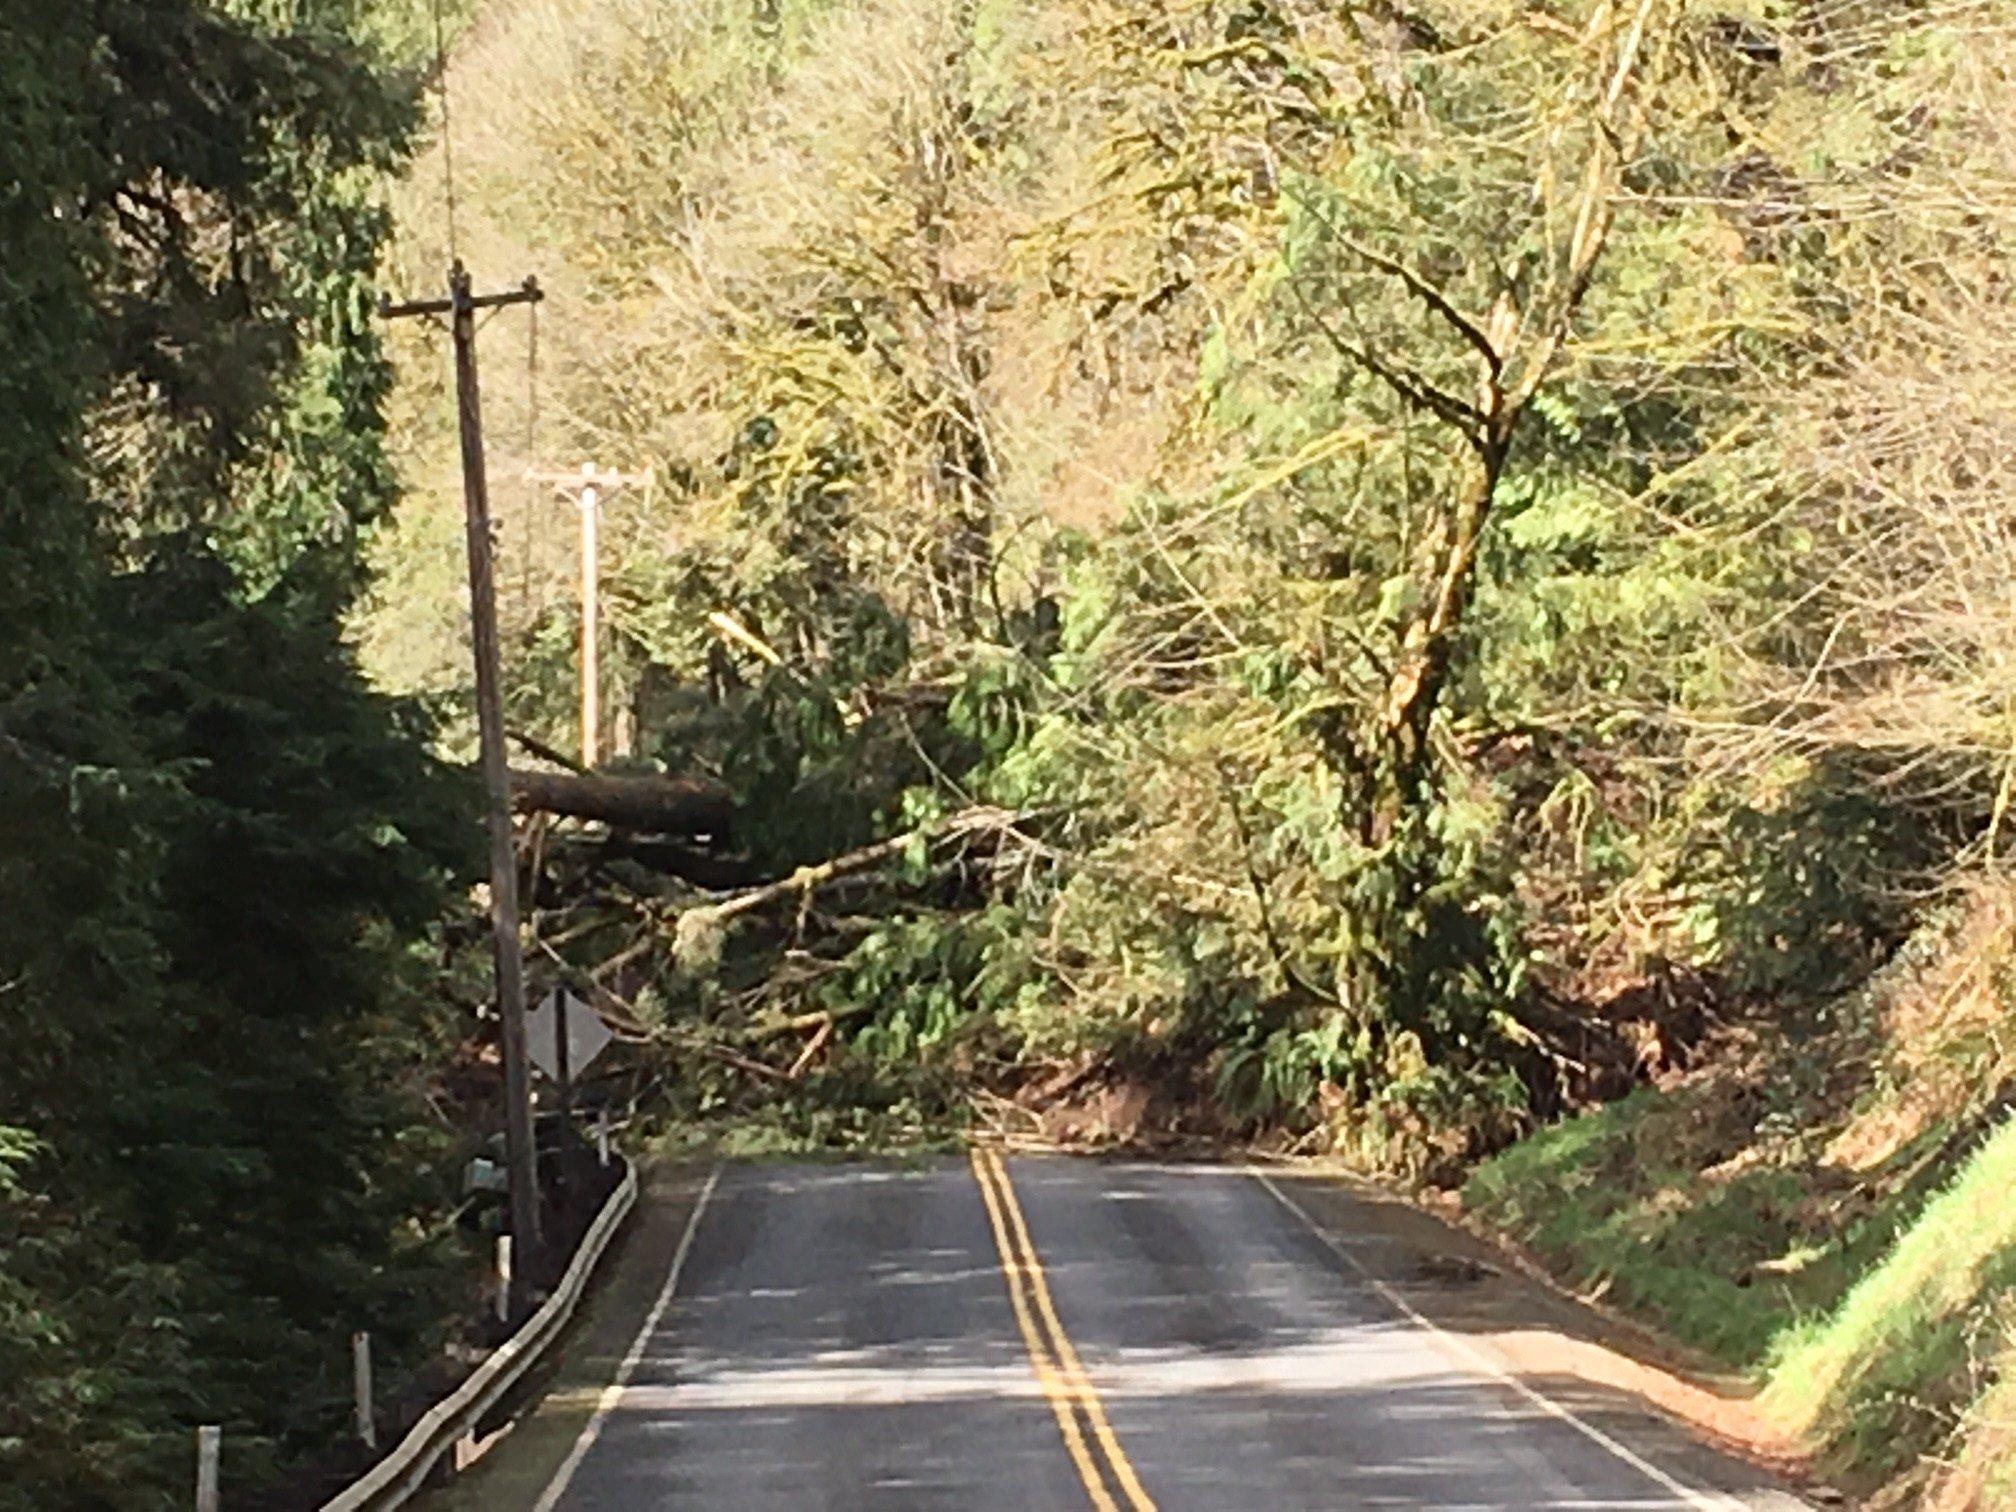 The landslide covering Kalama River Road.